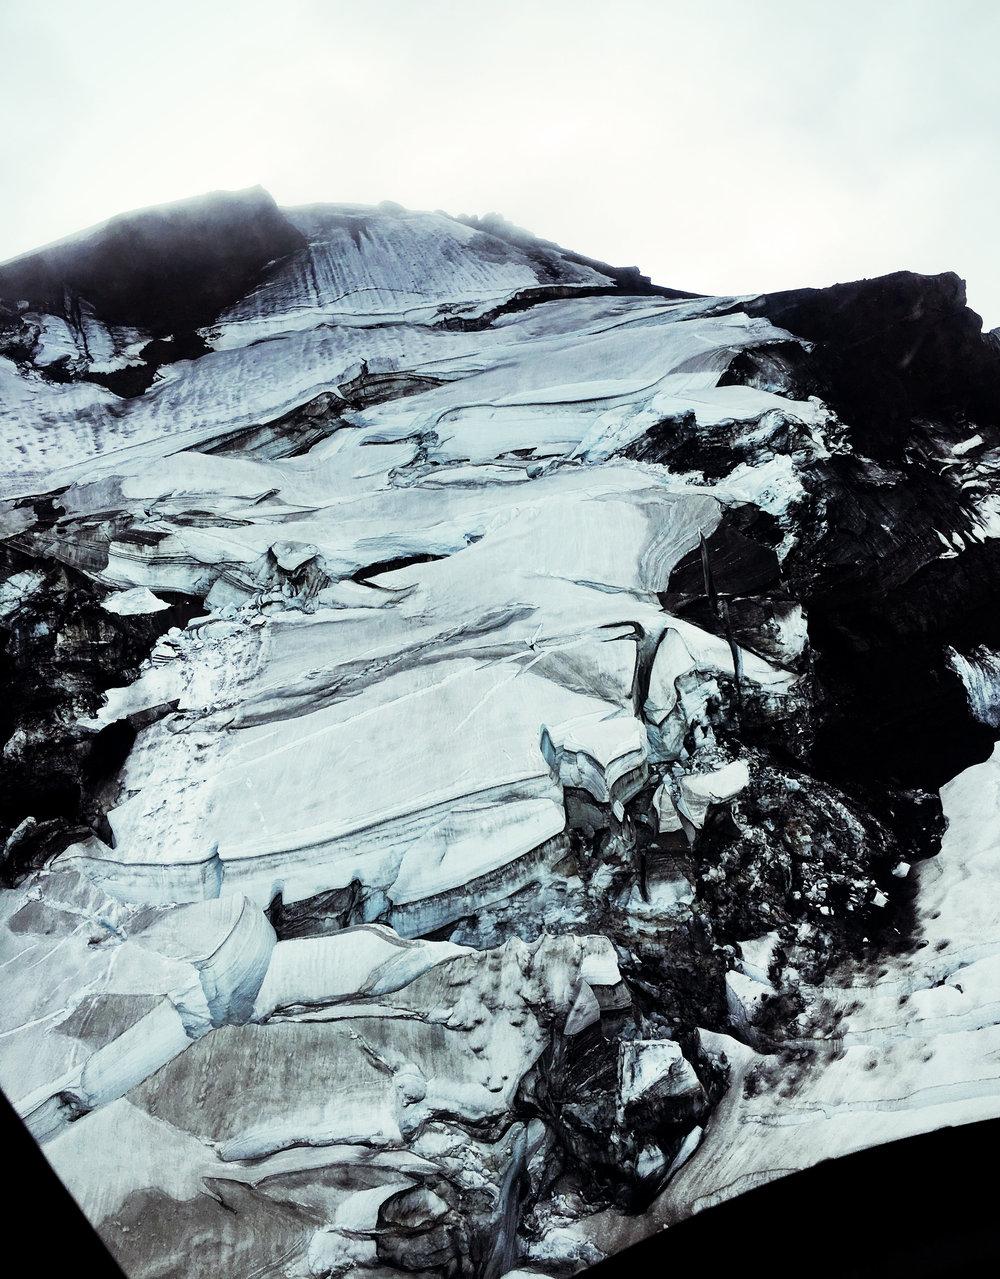 iceland glacier 2 copy.jpg